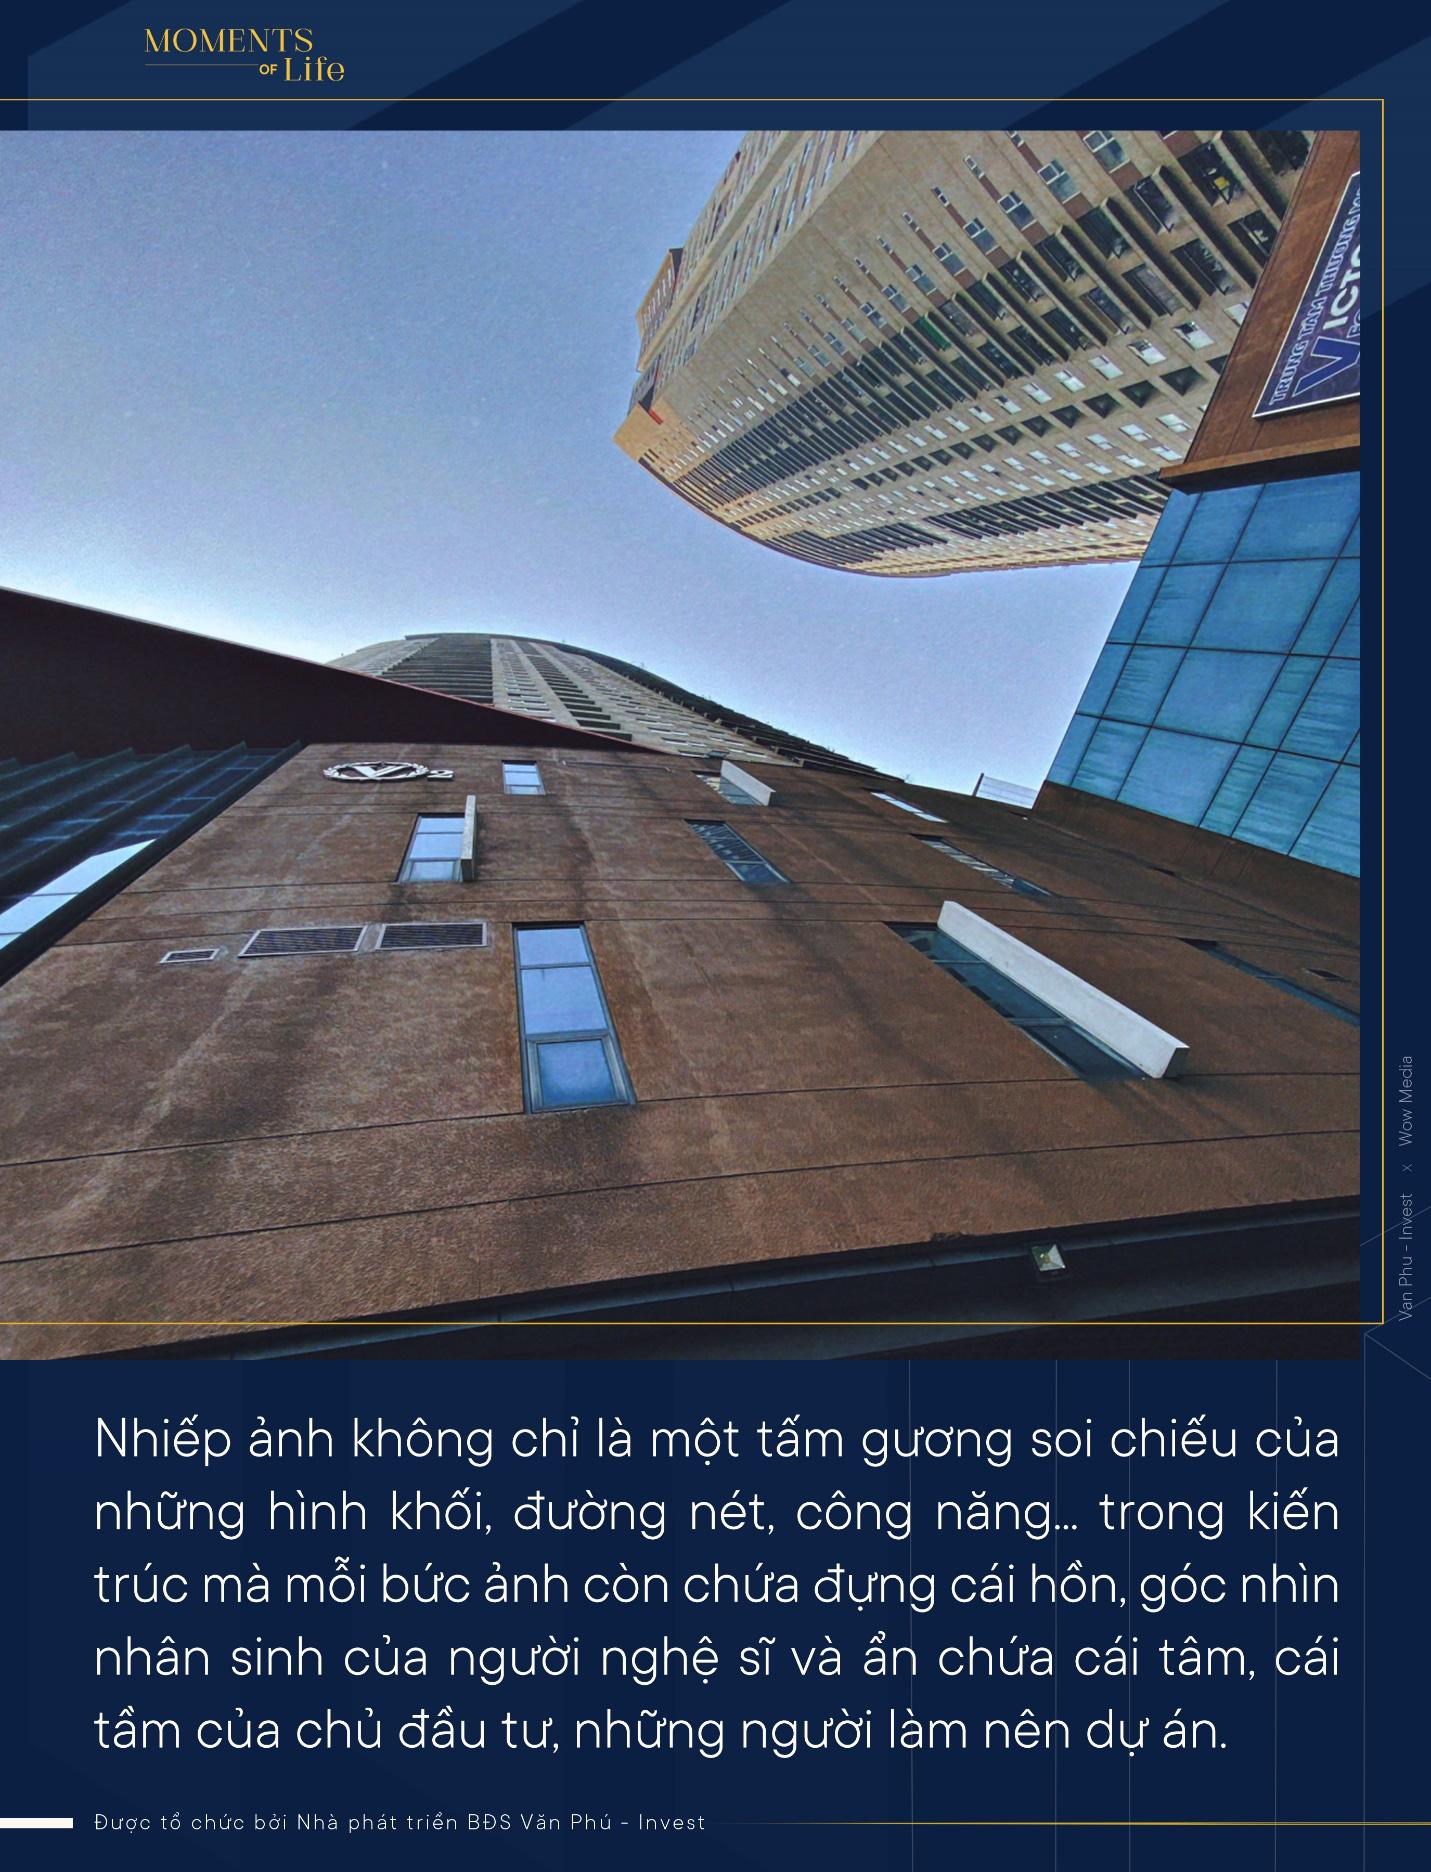 Lộ diện những góc nhìn nghệ thuật kiến trúc độc đáo trong cuộc thi Moments Of Life - Ảnh 8.